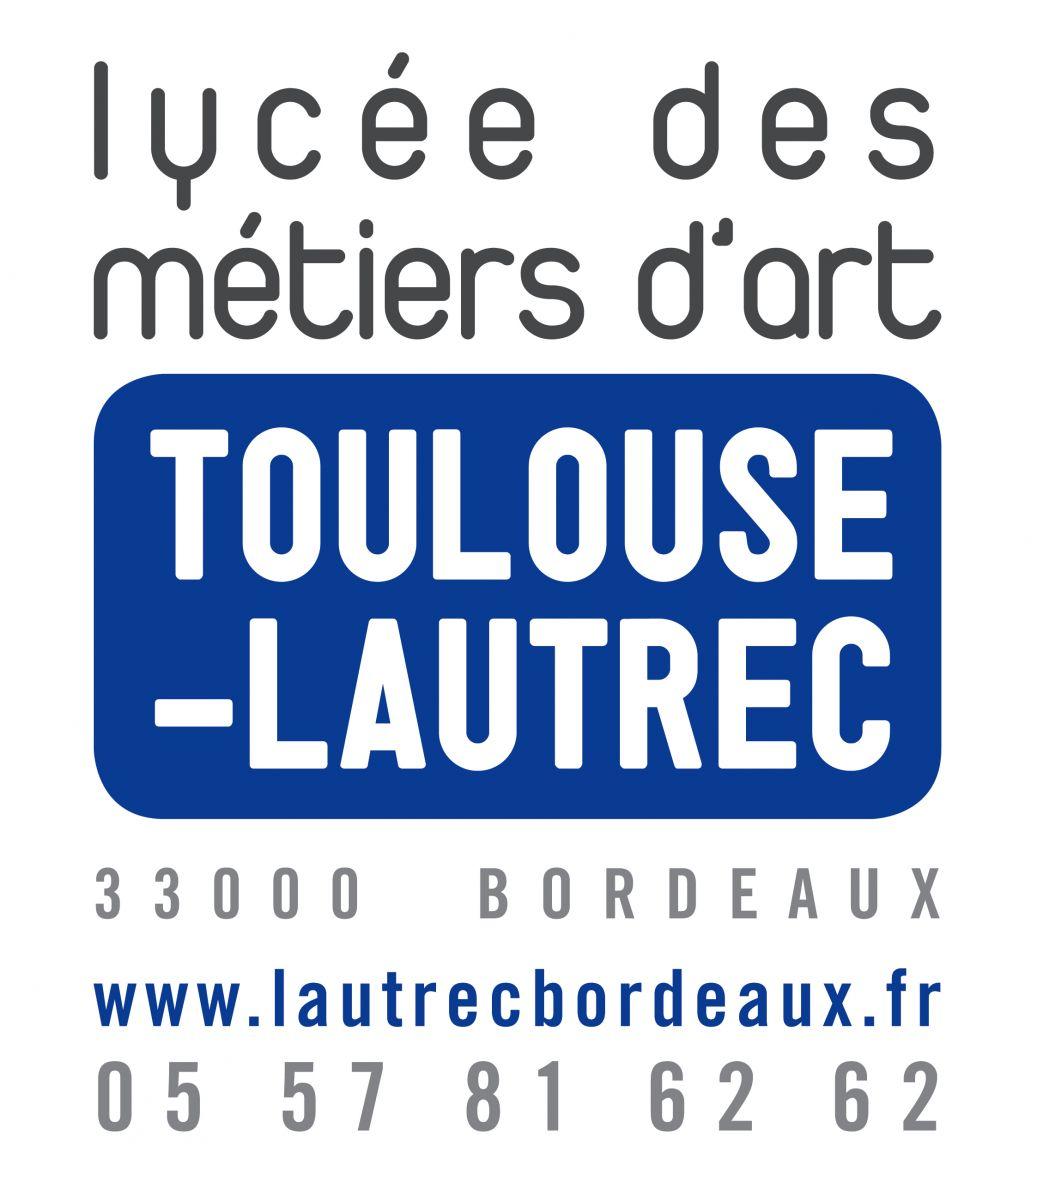 Lycée Métiers d'Art Toulouse Lautrec